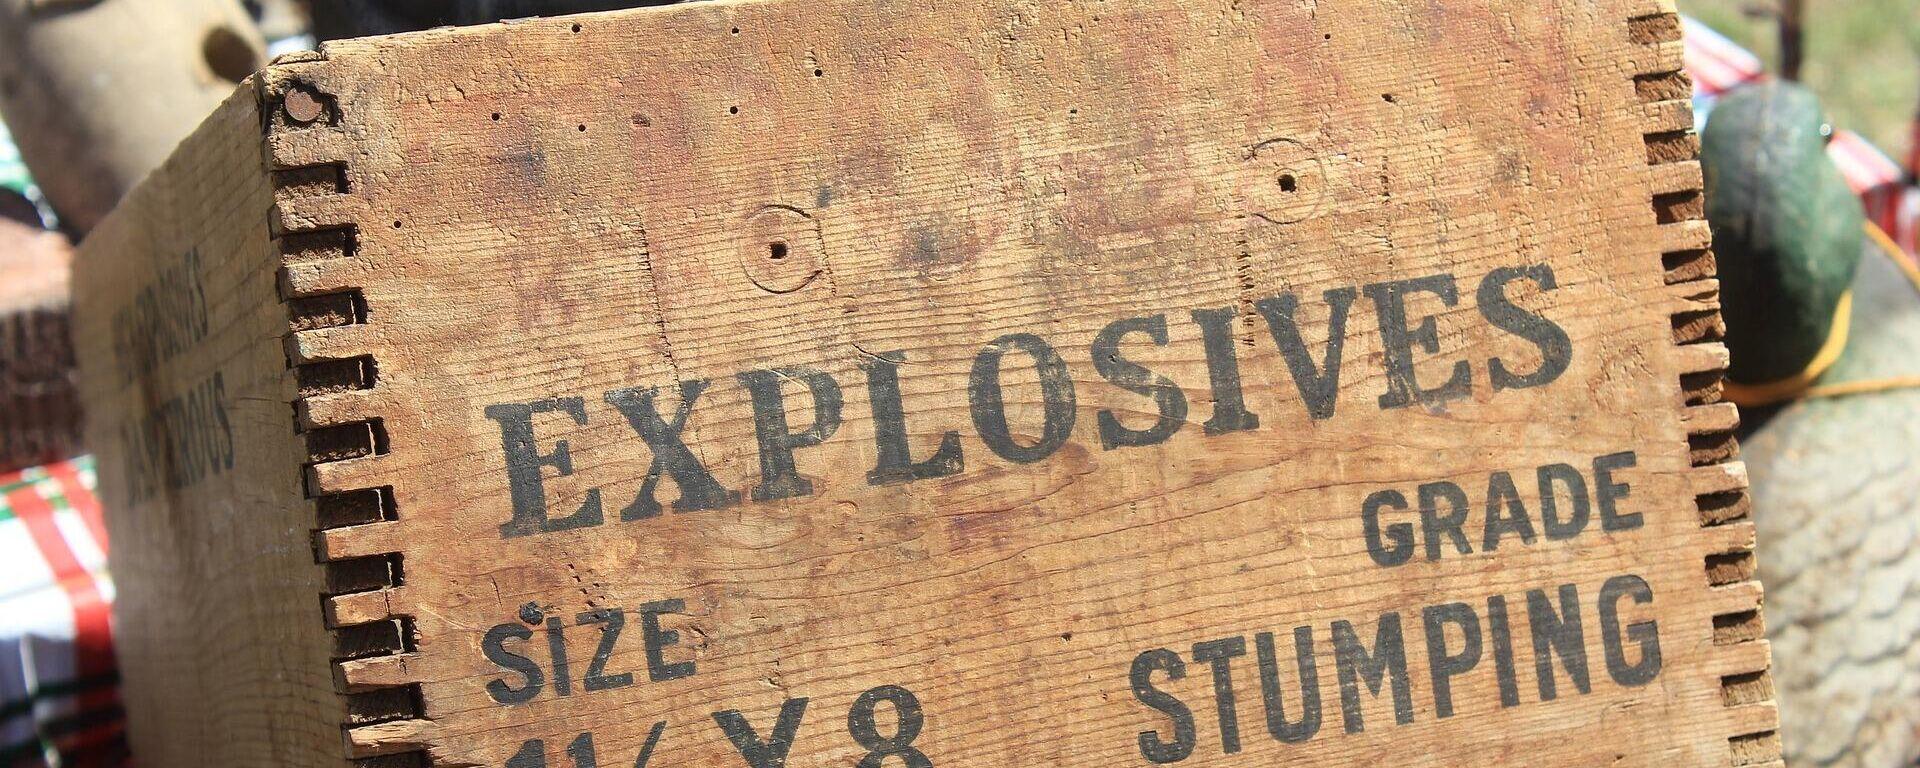 Imagen referencial de unos explosivos - Sputnik Mundo, 1920, 04.03.2021